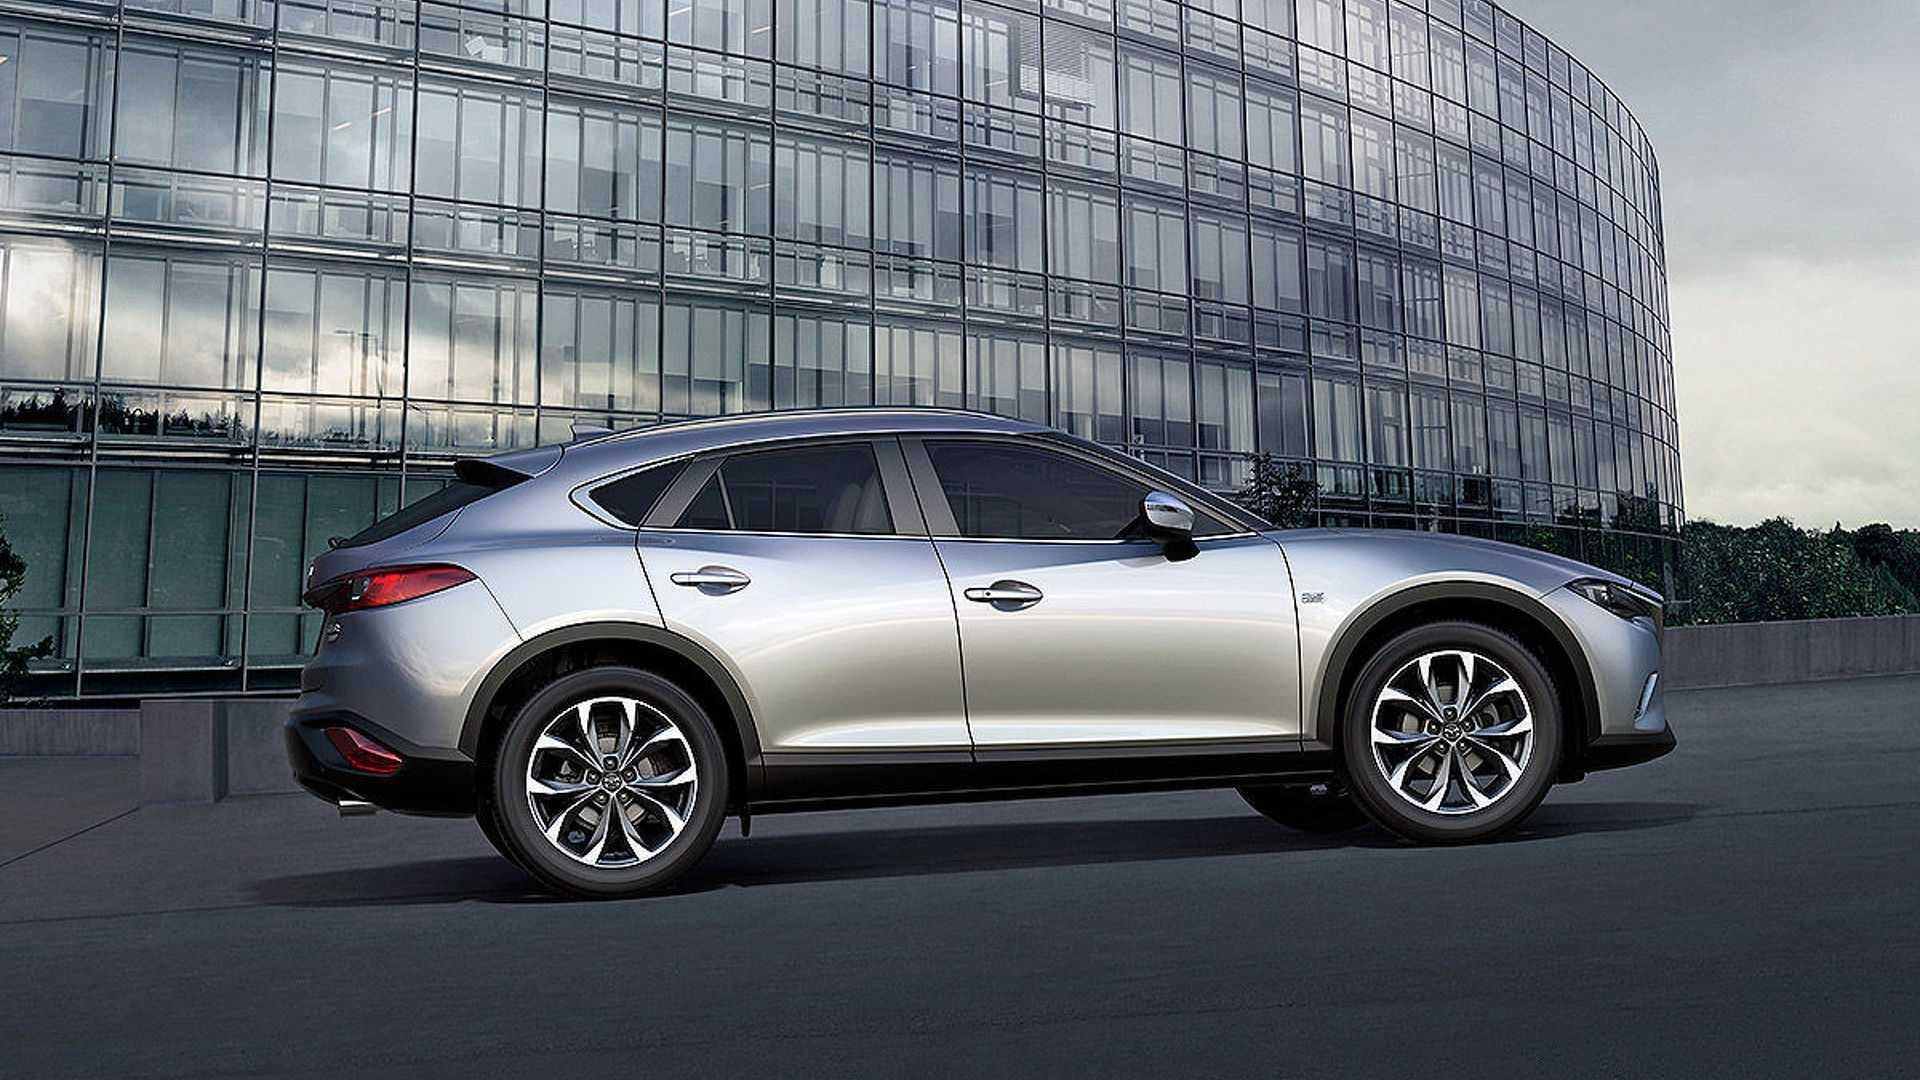 Kelebihan Kekurangan Mazda Cx 4 Spesifikasi